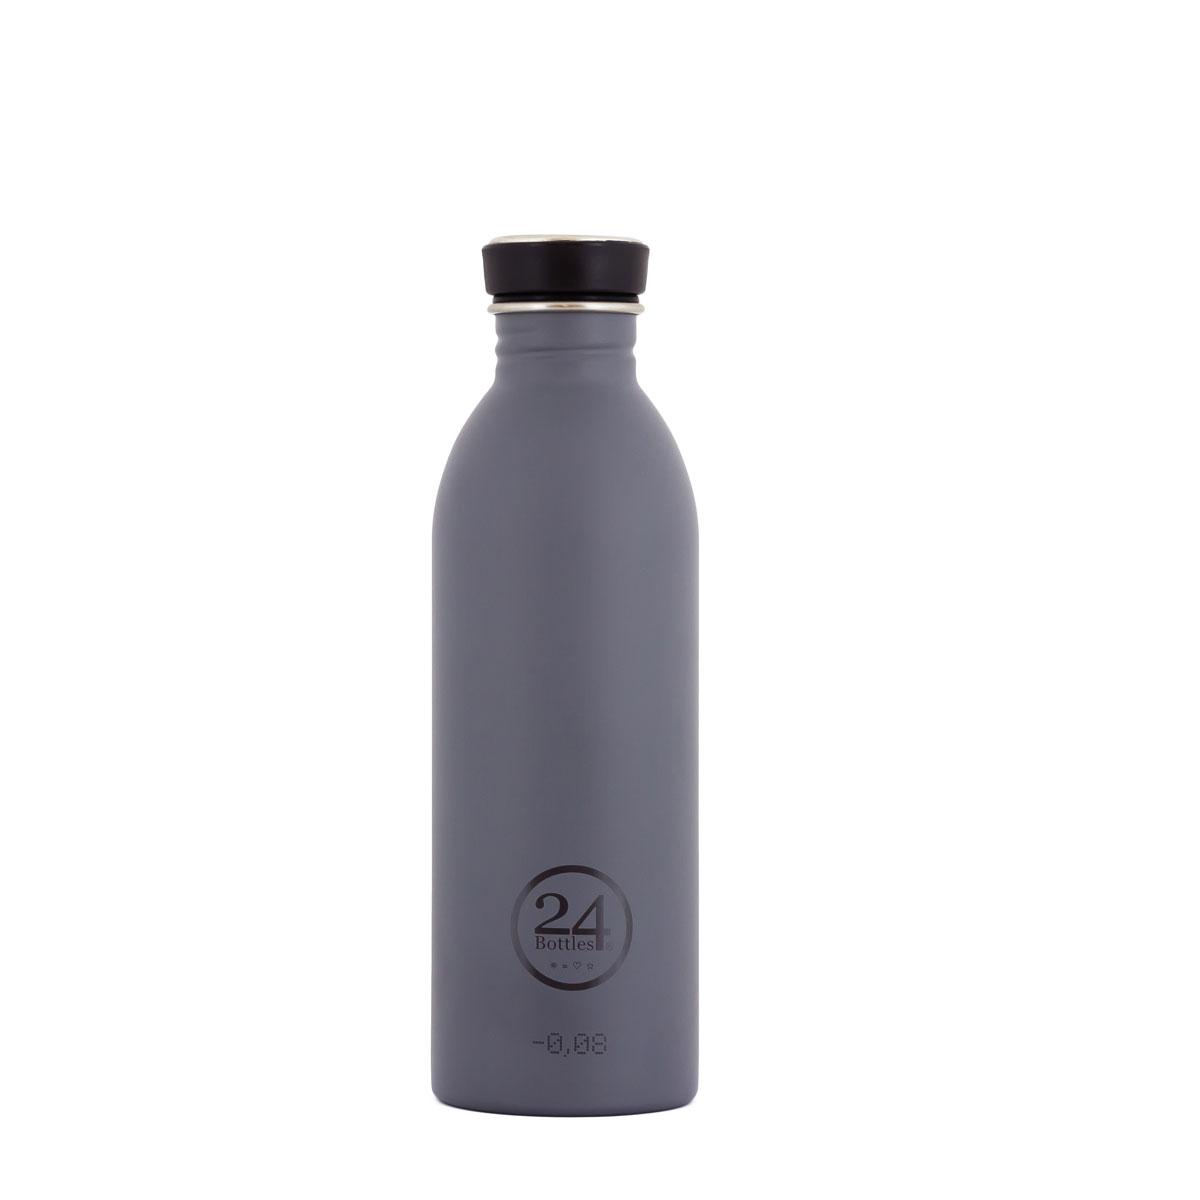 Trinkflasche aus Edelstahl*